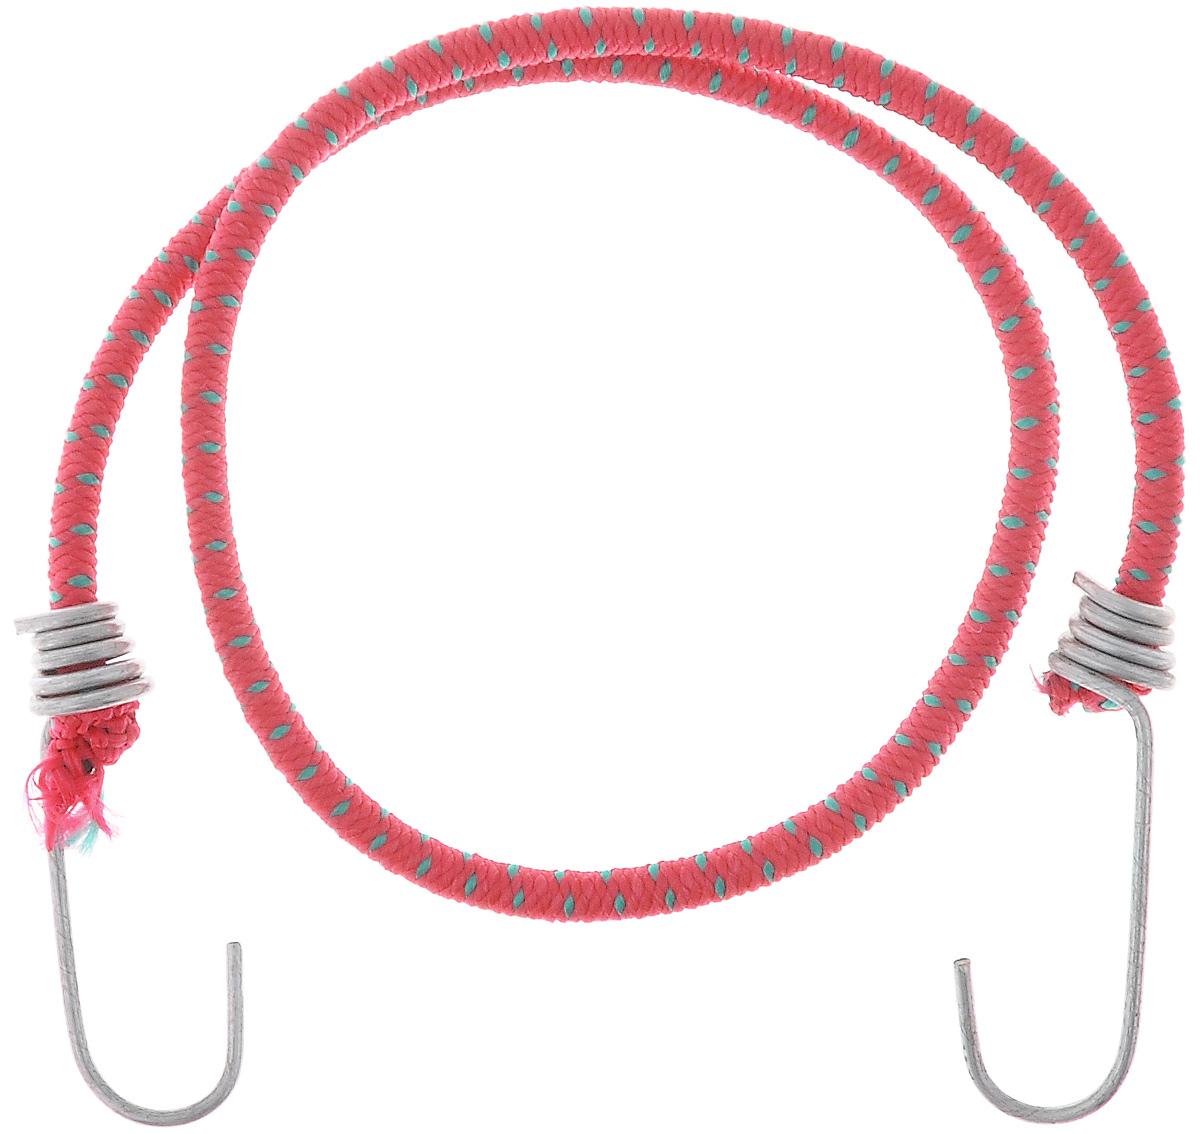 Резинка багажная МастерПроф, с крючками, цвет: красный, зеленый, 0,6 х 80 см. АС.020021АС.020021_красныйБагажная резинка МастерПроф, выполненная из синтетического каучука, оснащена специальными металлическими крючками, которые обеспечивают прочное крепление и не допускают смещения груза во время его перевозки. Изделие применяется для закрепления предметов к багажнику. Такая резинка позволит зафиксировать как небольшой груз, так и довольно габаритный. Материал: синтетический каучук. Температура использования: -15°C до +50°C. Безопасное удлинение: 60%. Диаметр резинки: 0,6 см. Длина резинки: 80 см.